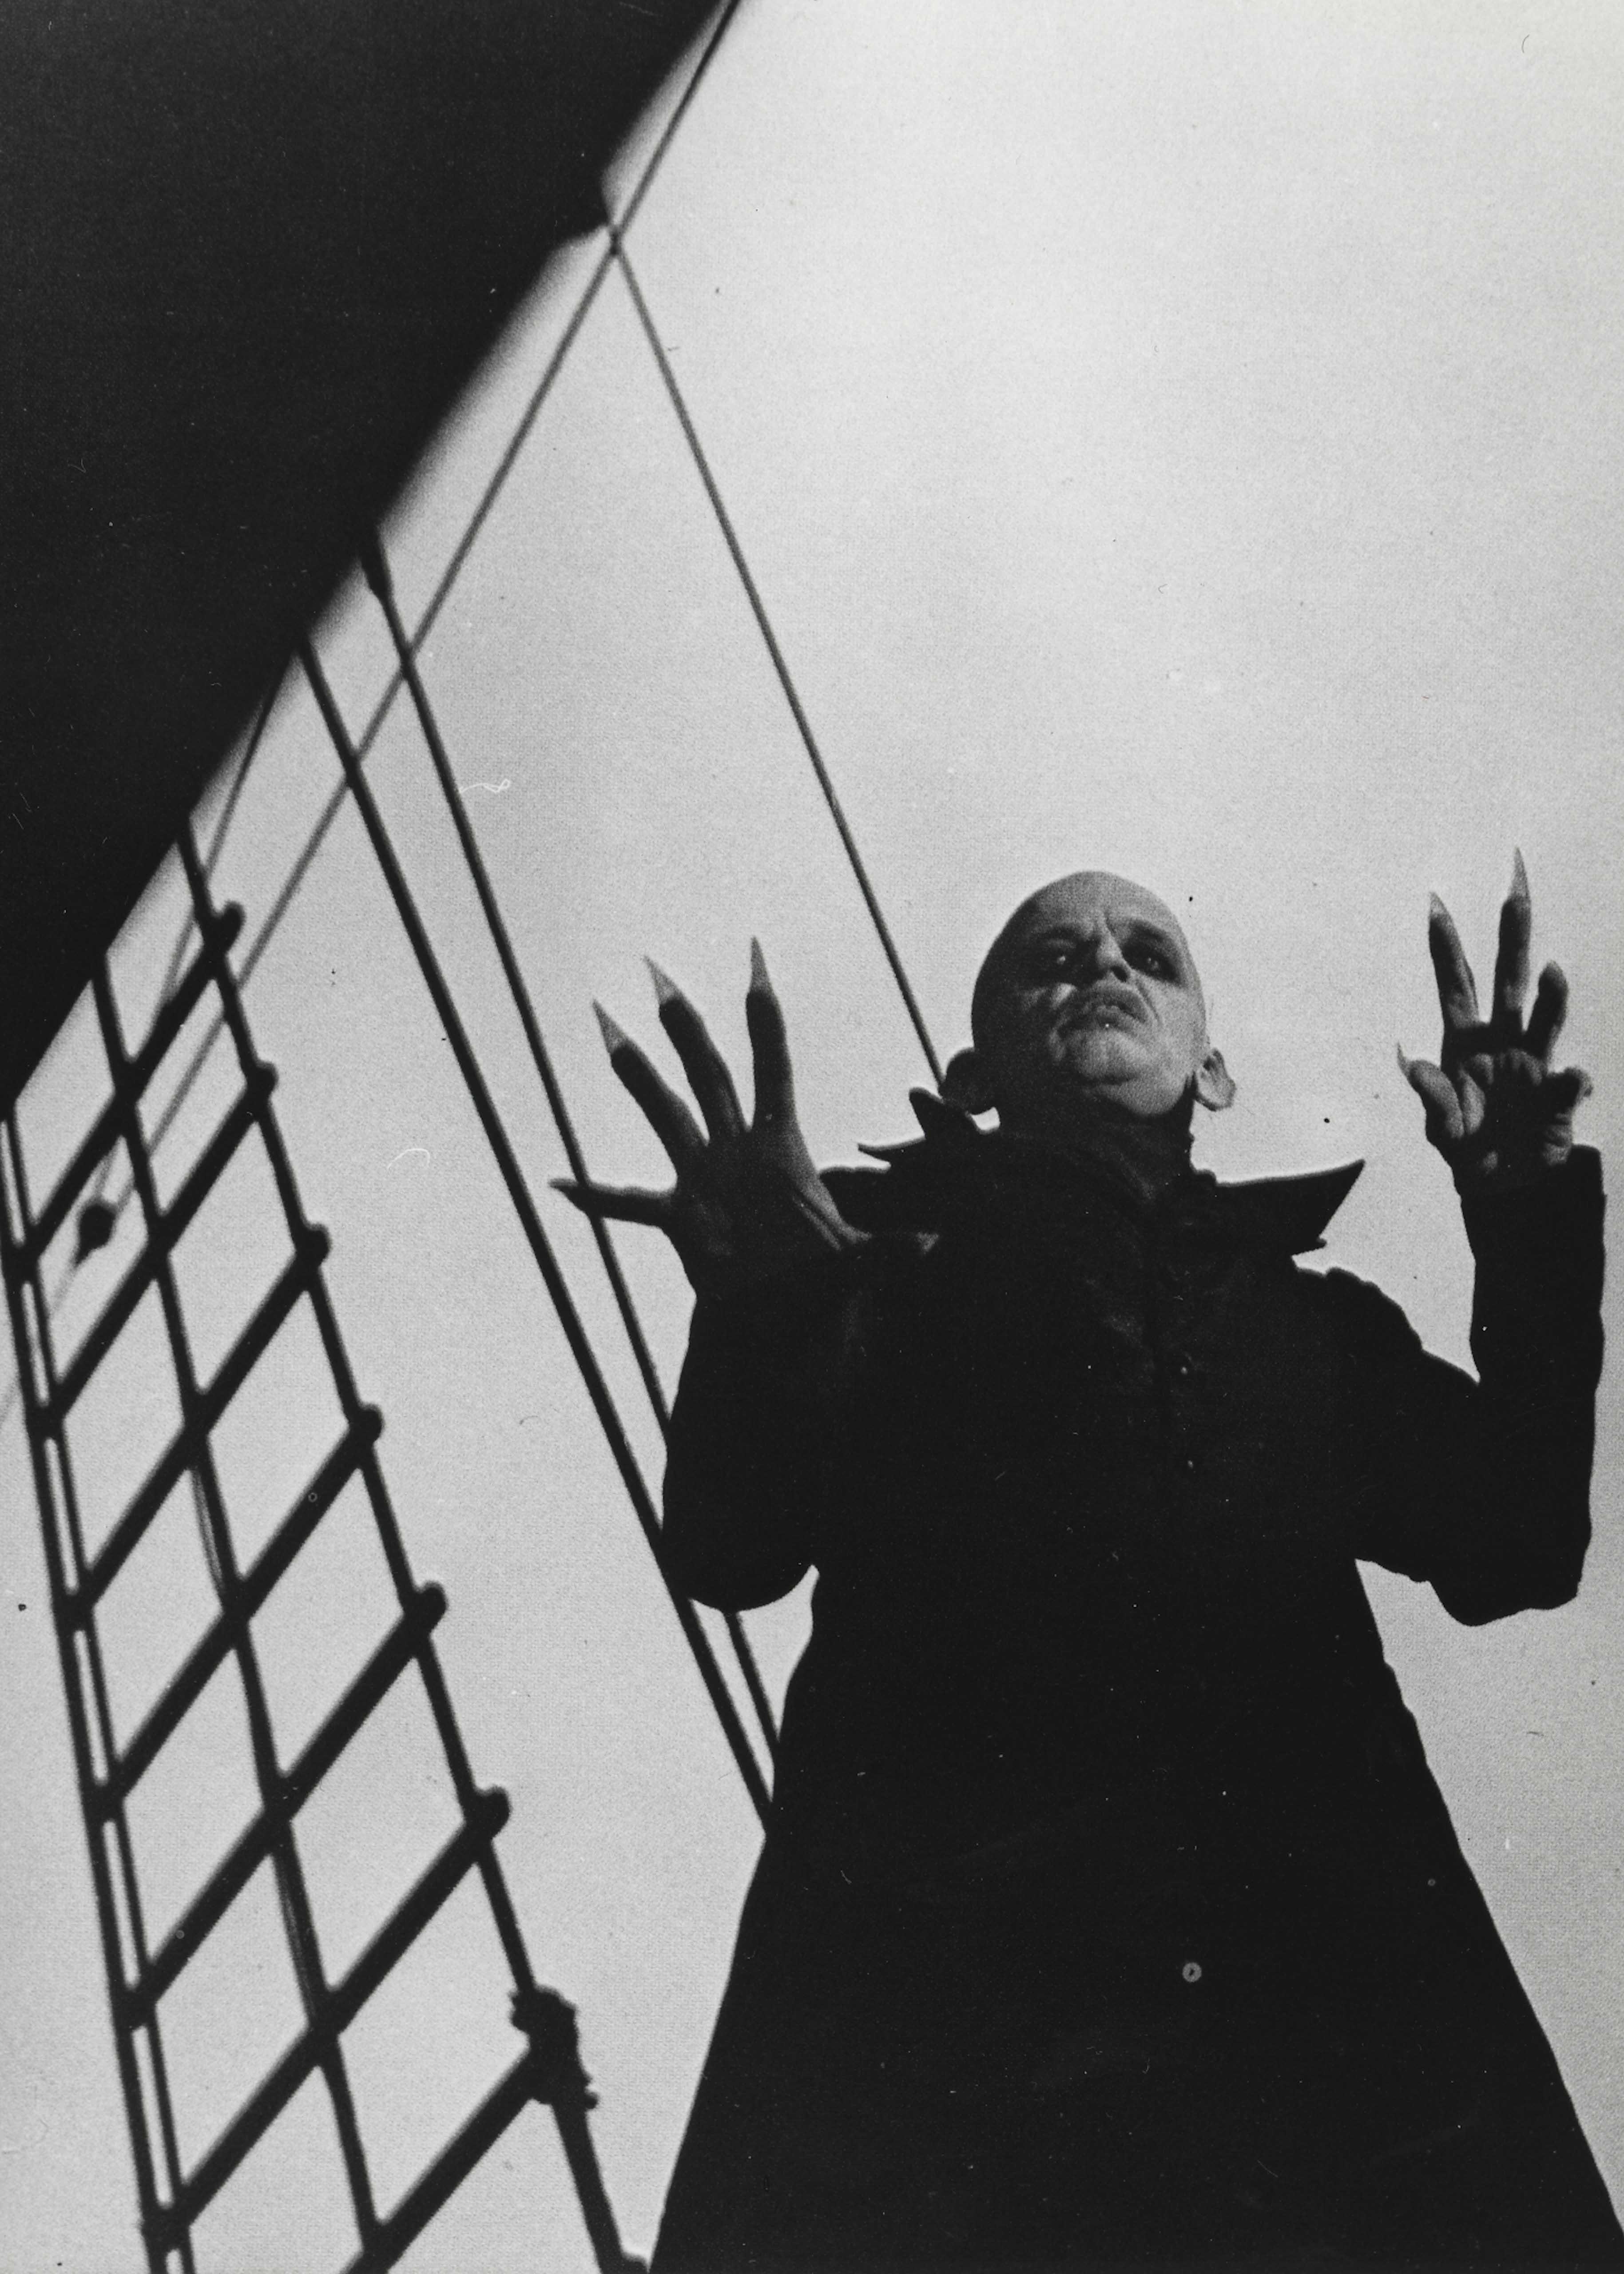 Still from the film Nosferatu – Phantom der Nacht